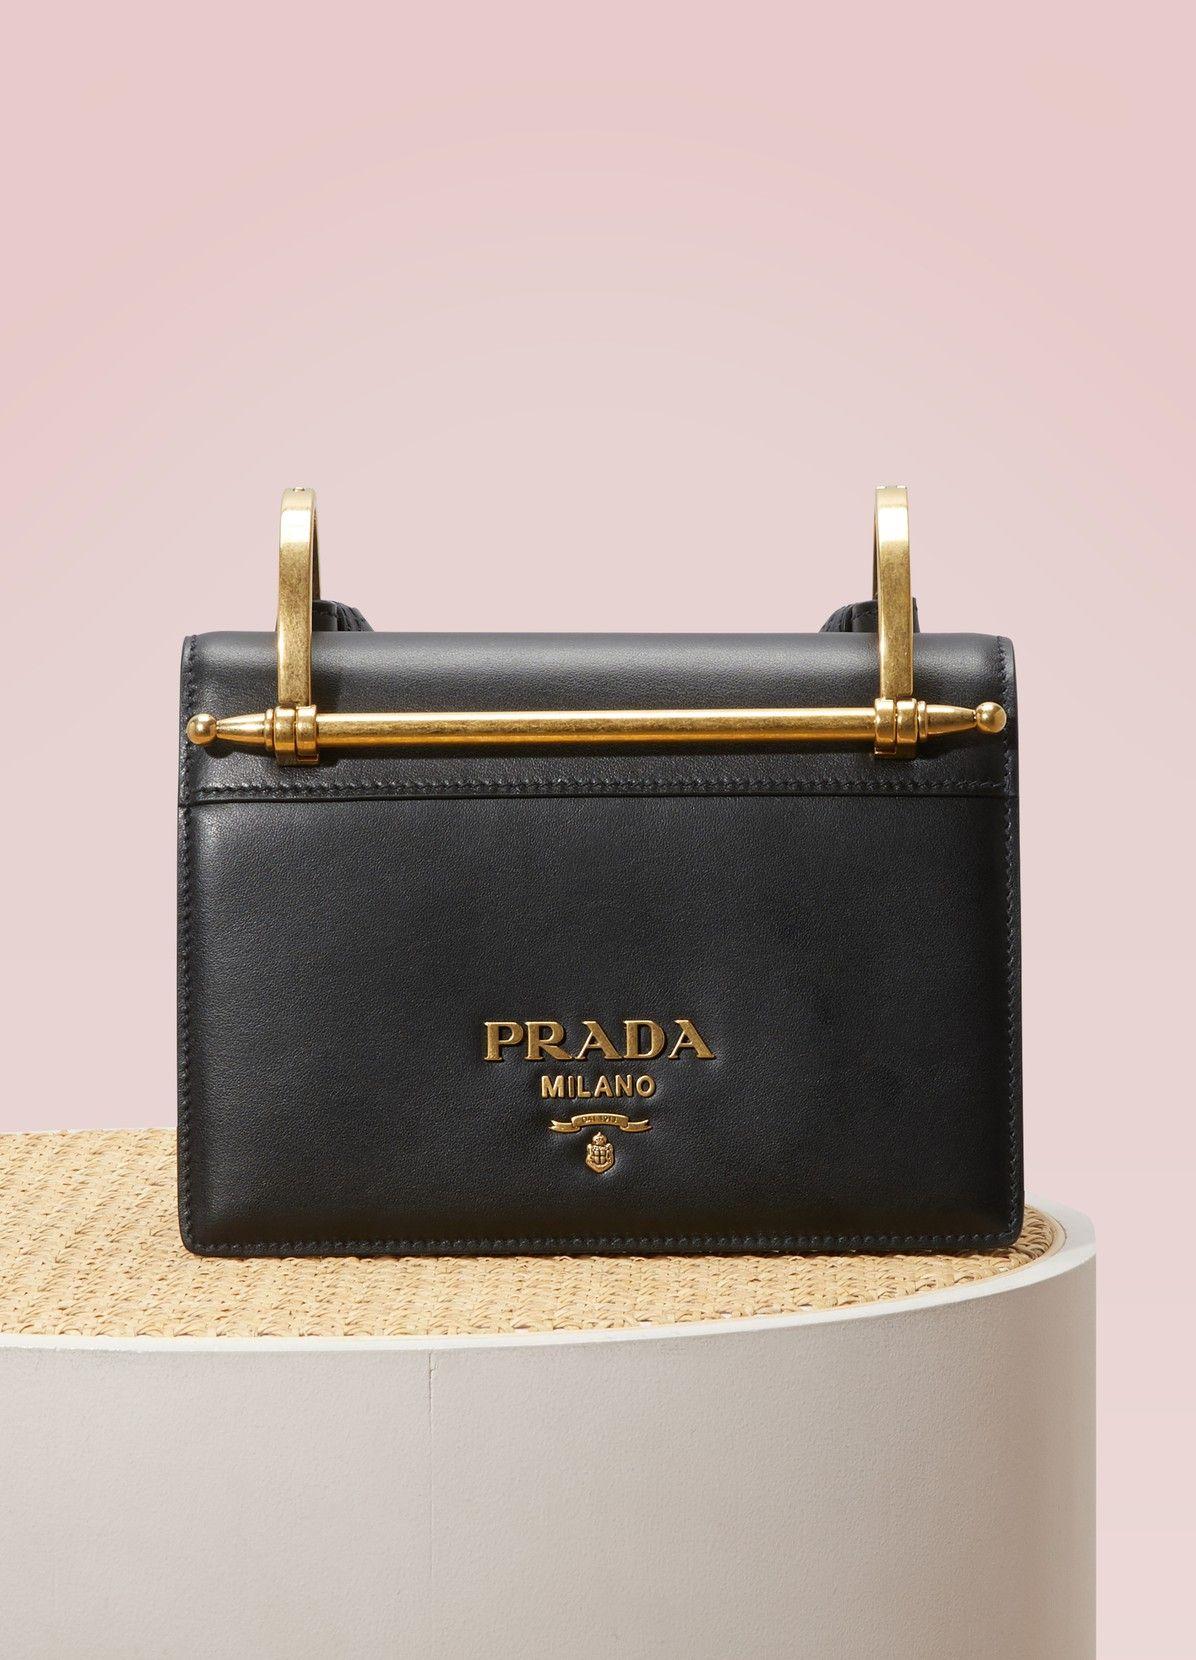 65792ffd37d3 PRADA Shoulder bag Patina | || n o v e l t y . b a g s || | Prada ...